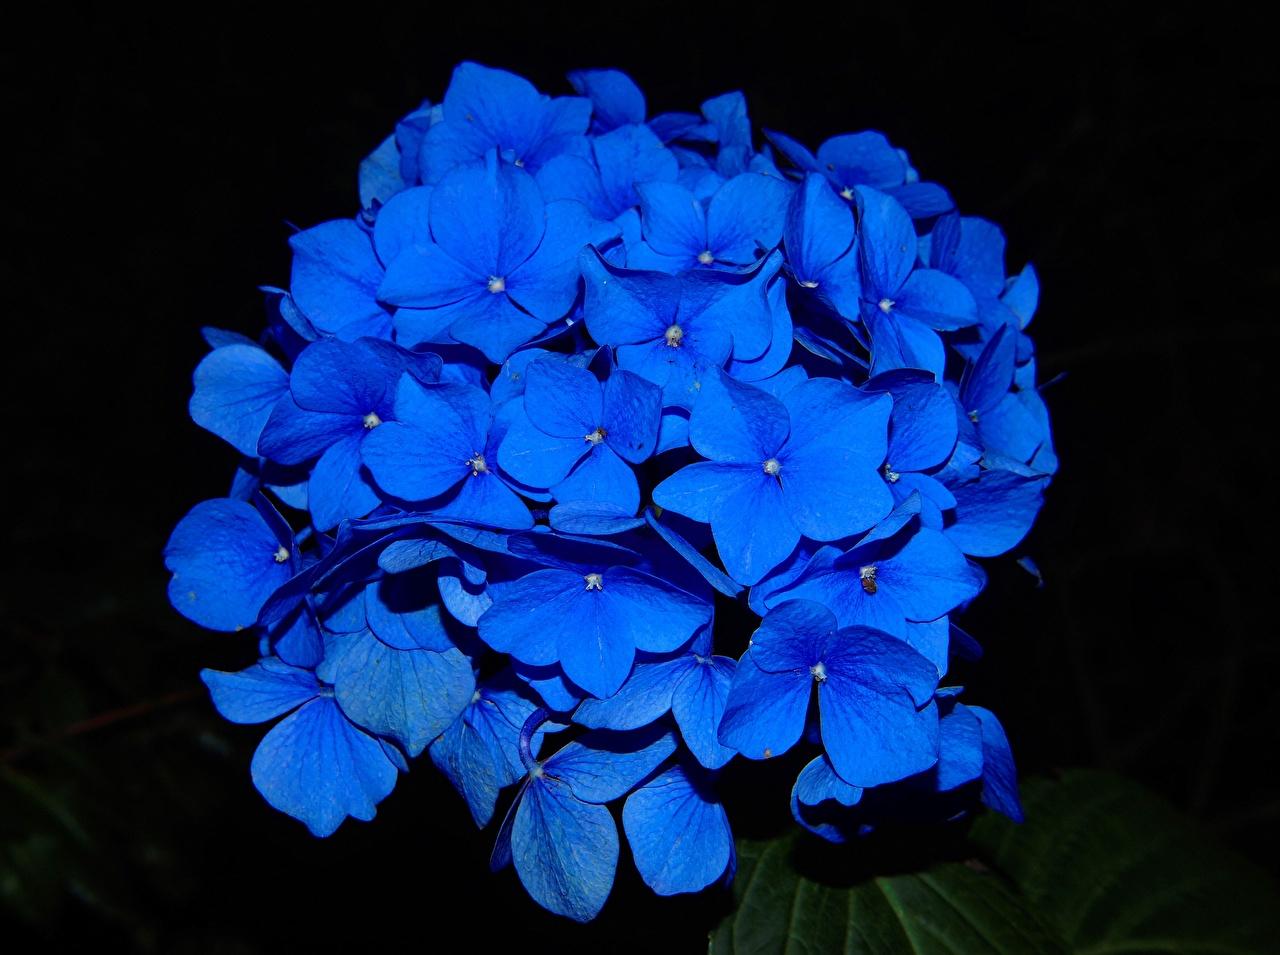 Foto Blau Blüte Hortensien Großansicht Schwarzer Hintergrund Blumen Hortensie hautnah Nahaufnahme